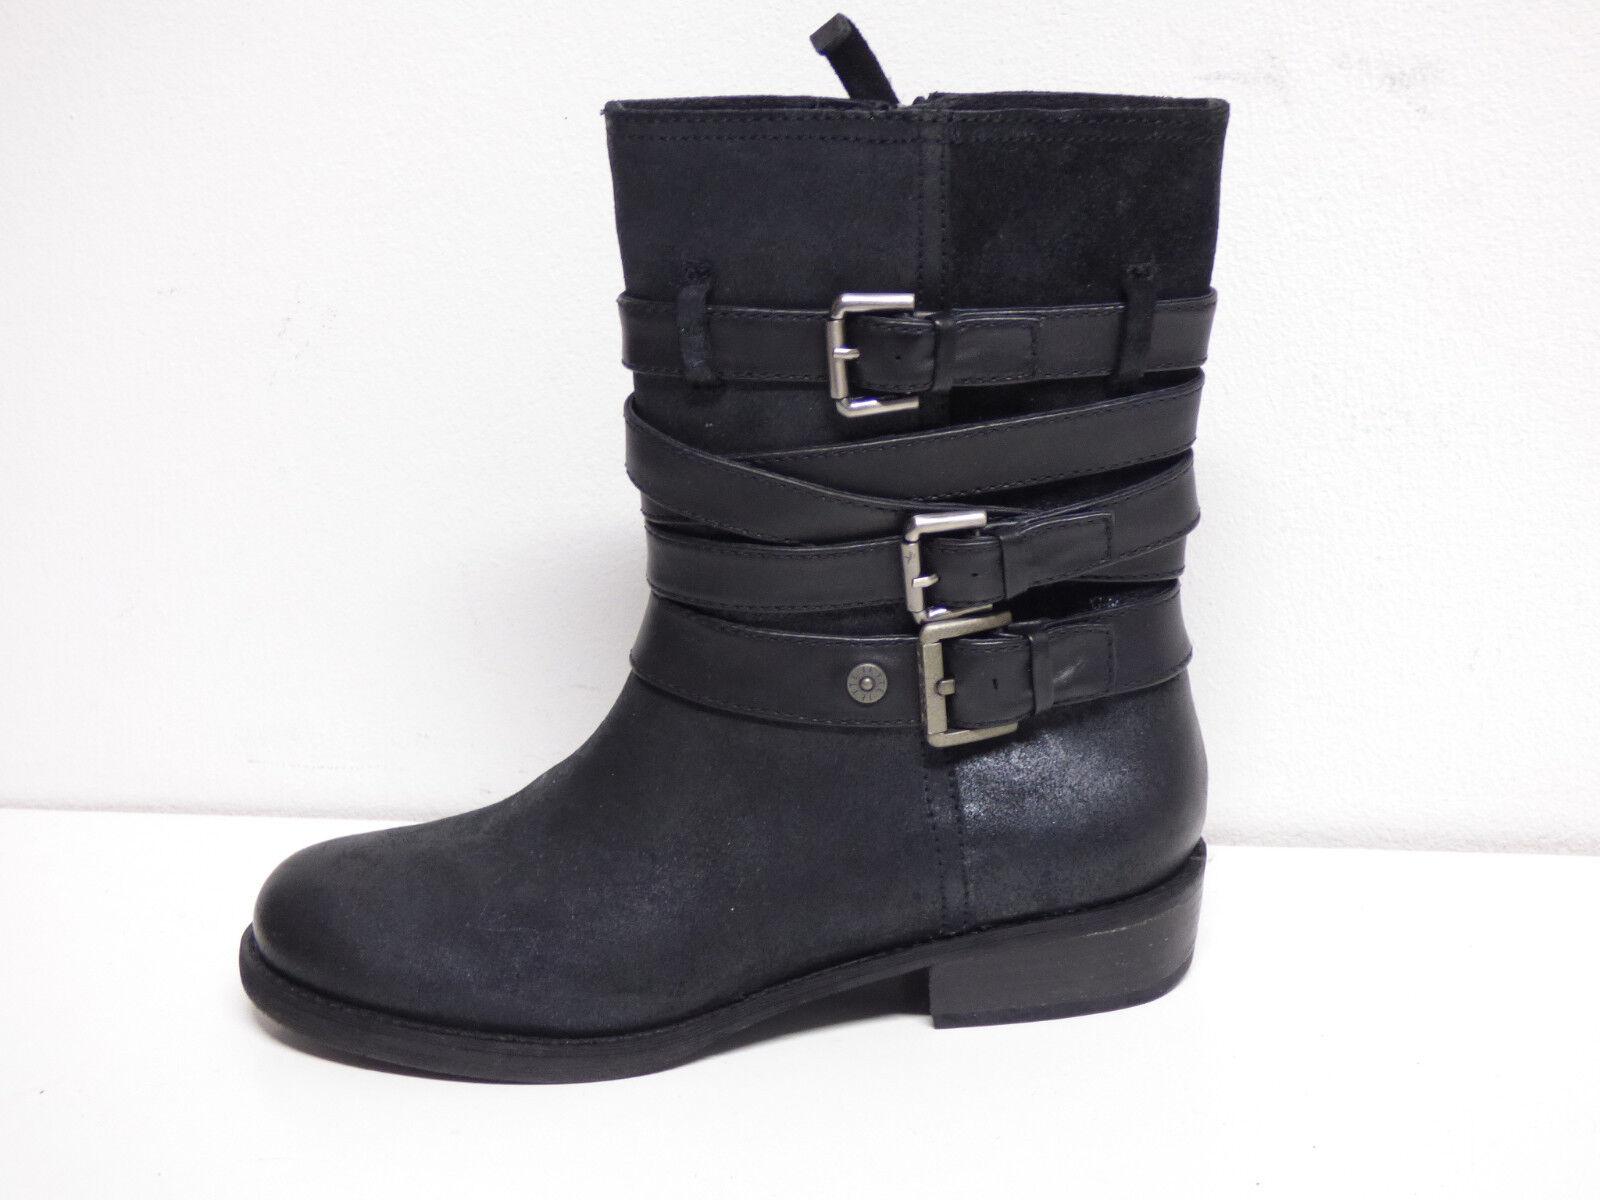 Jette Joop señora botas de de botas cuero talla 40 de negro & nuevo con caja de cartón (p 5635) 0b726e